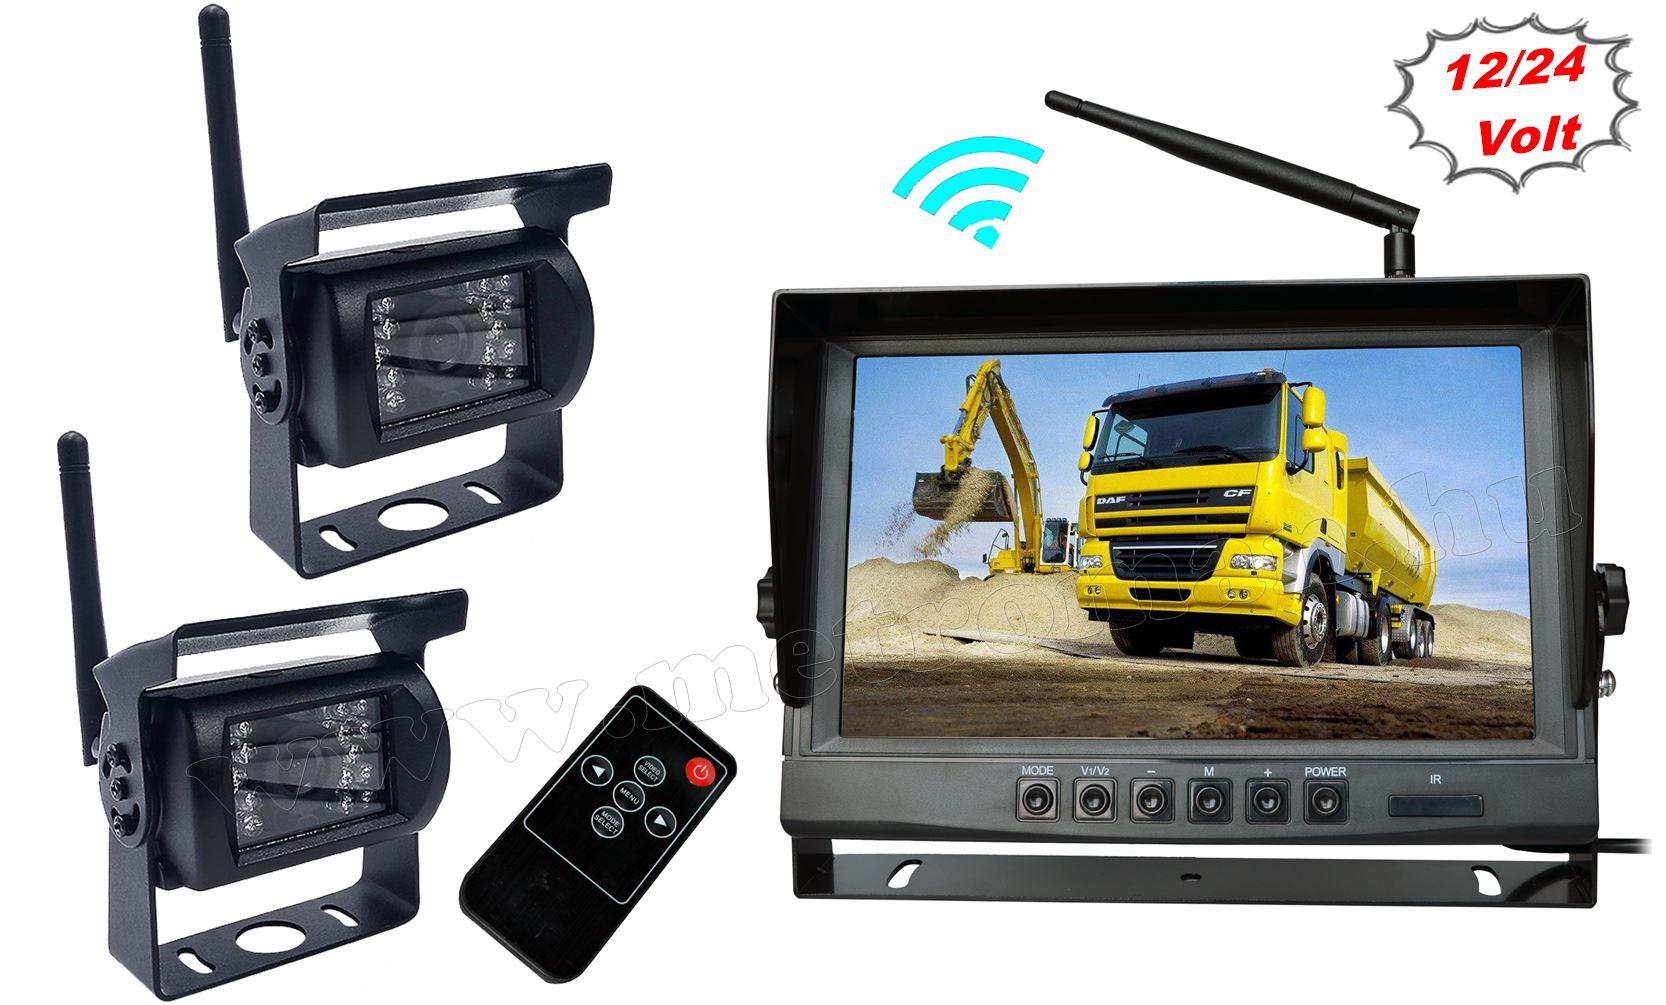 """Vezeték nélküli kétkamerás tolatókamera szett 9""""-os HD LCD monitorral MM9006WA/2 12/24 Volt"""